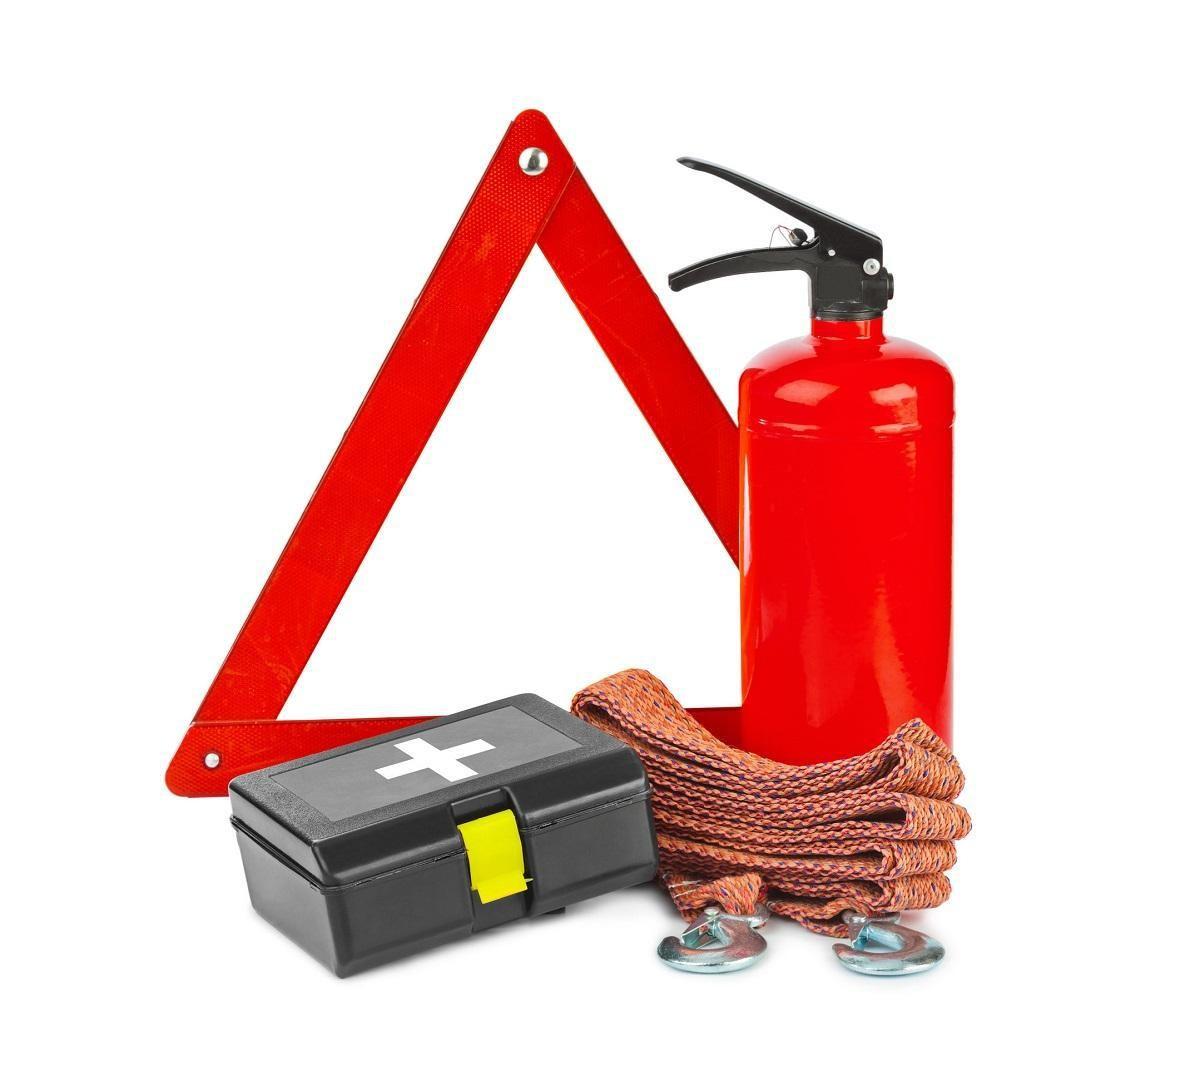 zestaw bezpieczeństwa kierowcy - gaśnica, apteczka i trójkąt ostrzegawczy